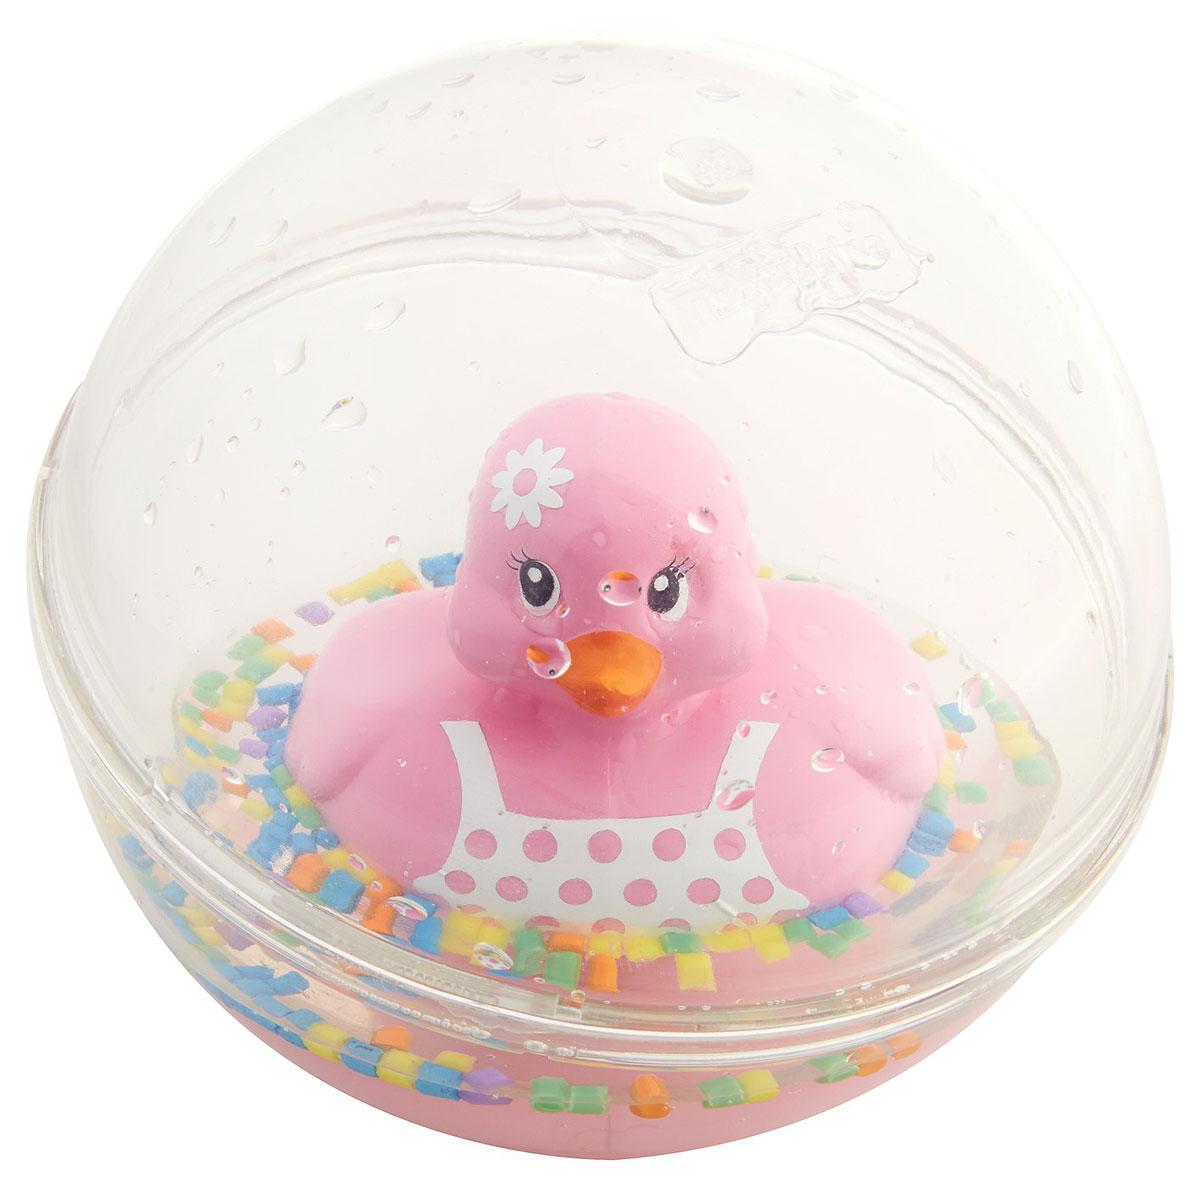 Fisher Price Развивающая игрушка Уточка цвет розовыйDVH21_DRD82Развивающая игрушка Fisher Price Уточка - это новый взгляд на игрушку-бестселлер со свежим дизайном и дополнительными узорами. Классическая модель игры для малышей. Игрушка представляет собой пластиковую уточку, плавающую в жидкости в прозрачном пластиковом шаре. Играть с такой уточкой можно не только в ванной, но и в любом удобном месте.